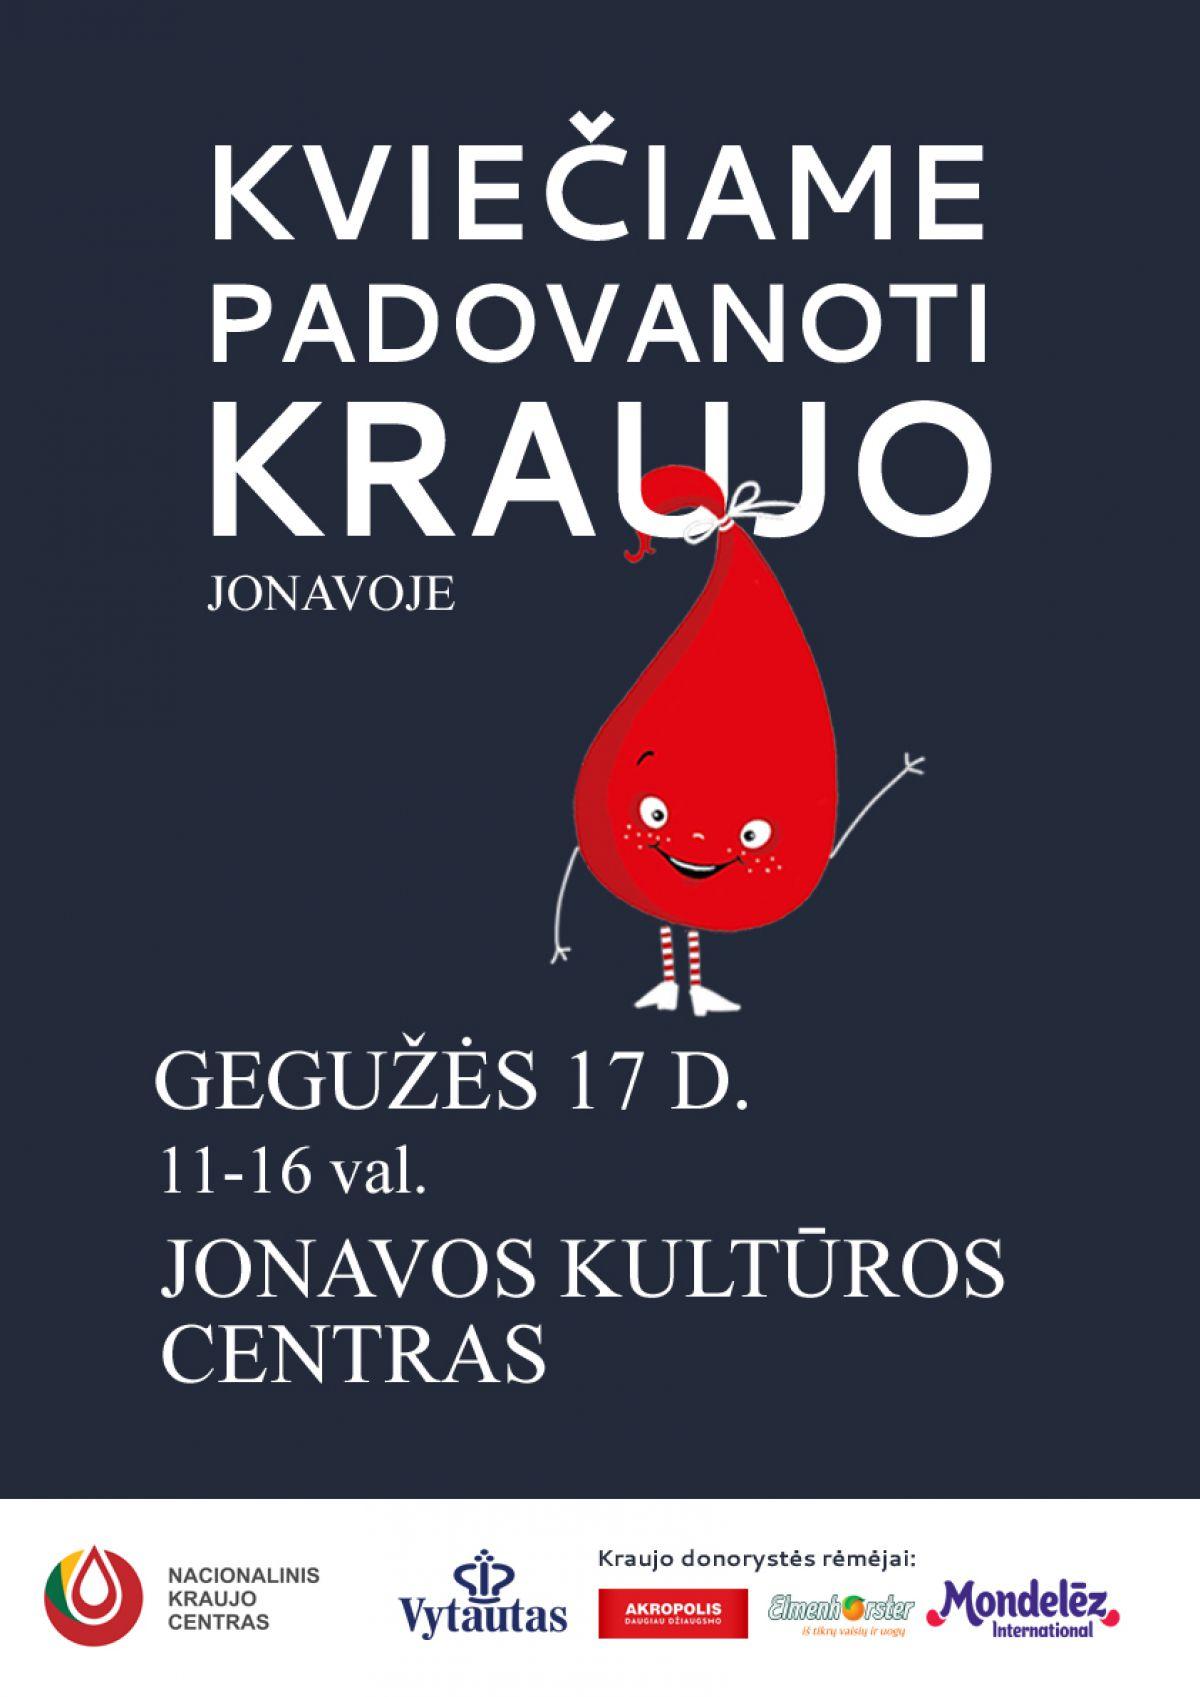 Nacionalinio kraujo centro donorystės akcija